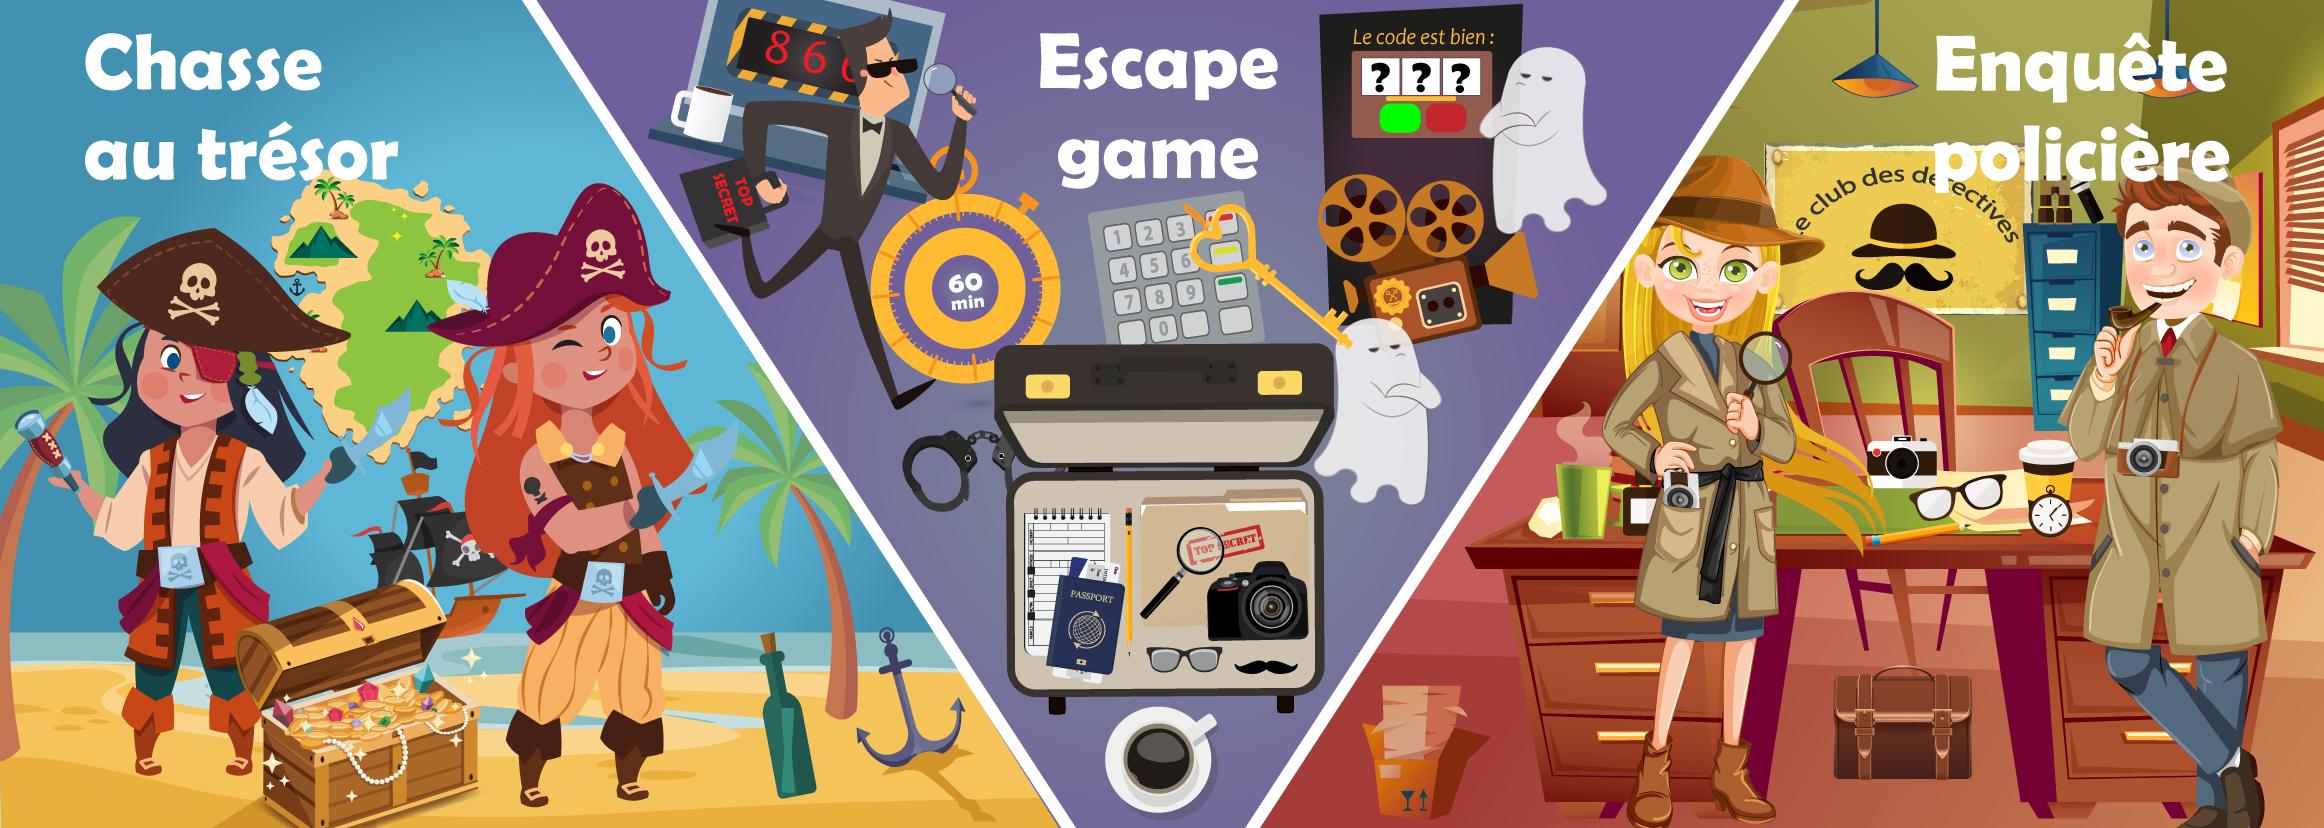 Jeux À Imprimer Ludiques Pour Les Enfants De 4 À 10 Ans avec Jeux Gratuit Garçon 6 Ans